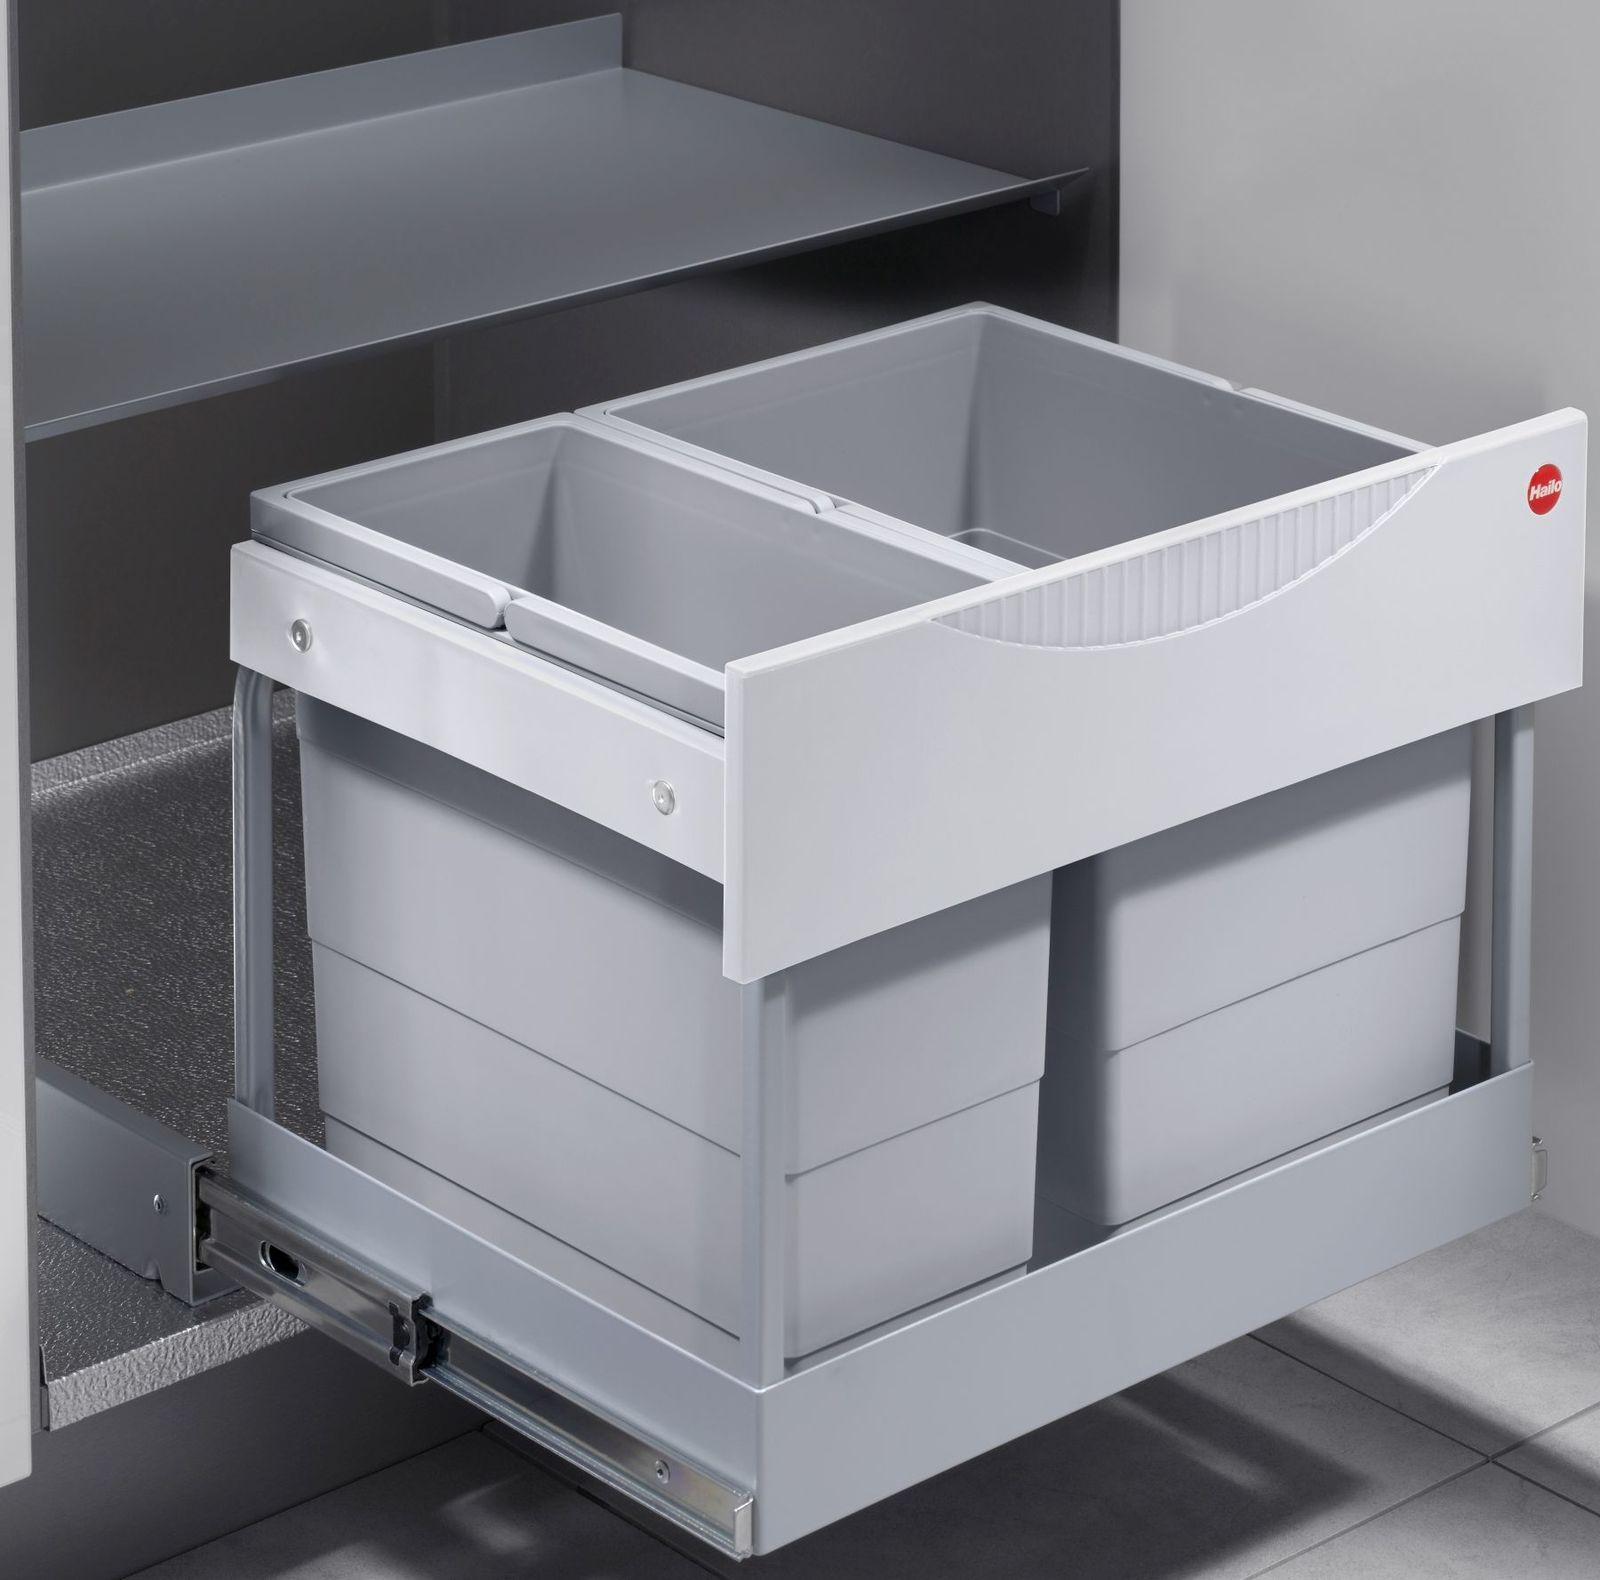 Großartig Küche Mülleimer Schrank Galerie - Küchenschrank Ideen ...